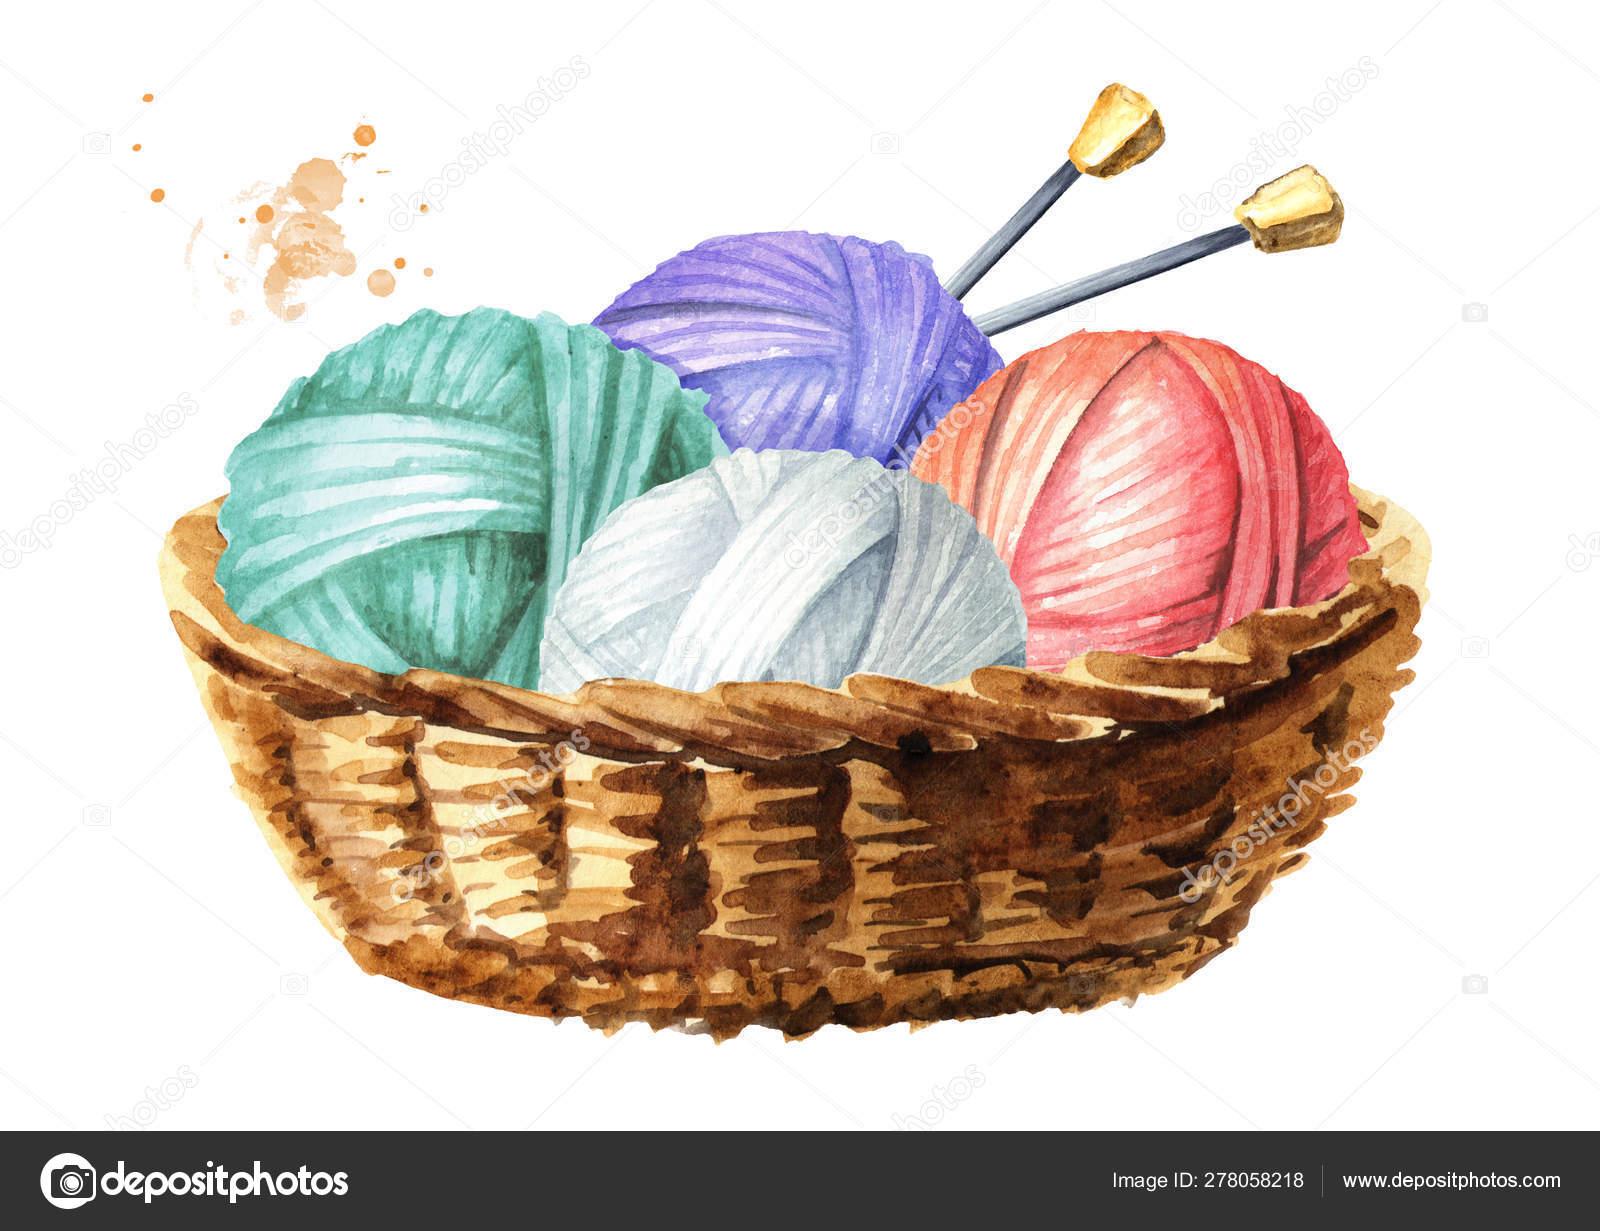 Knitting Needles Watercolor Hand Drawn